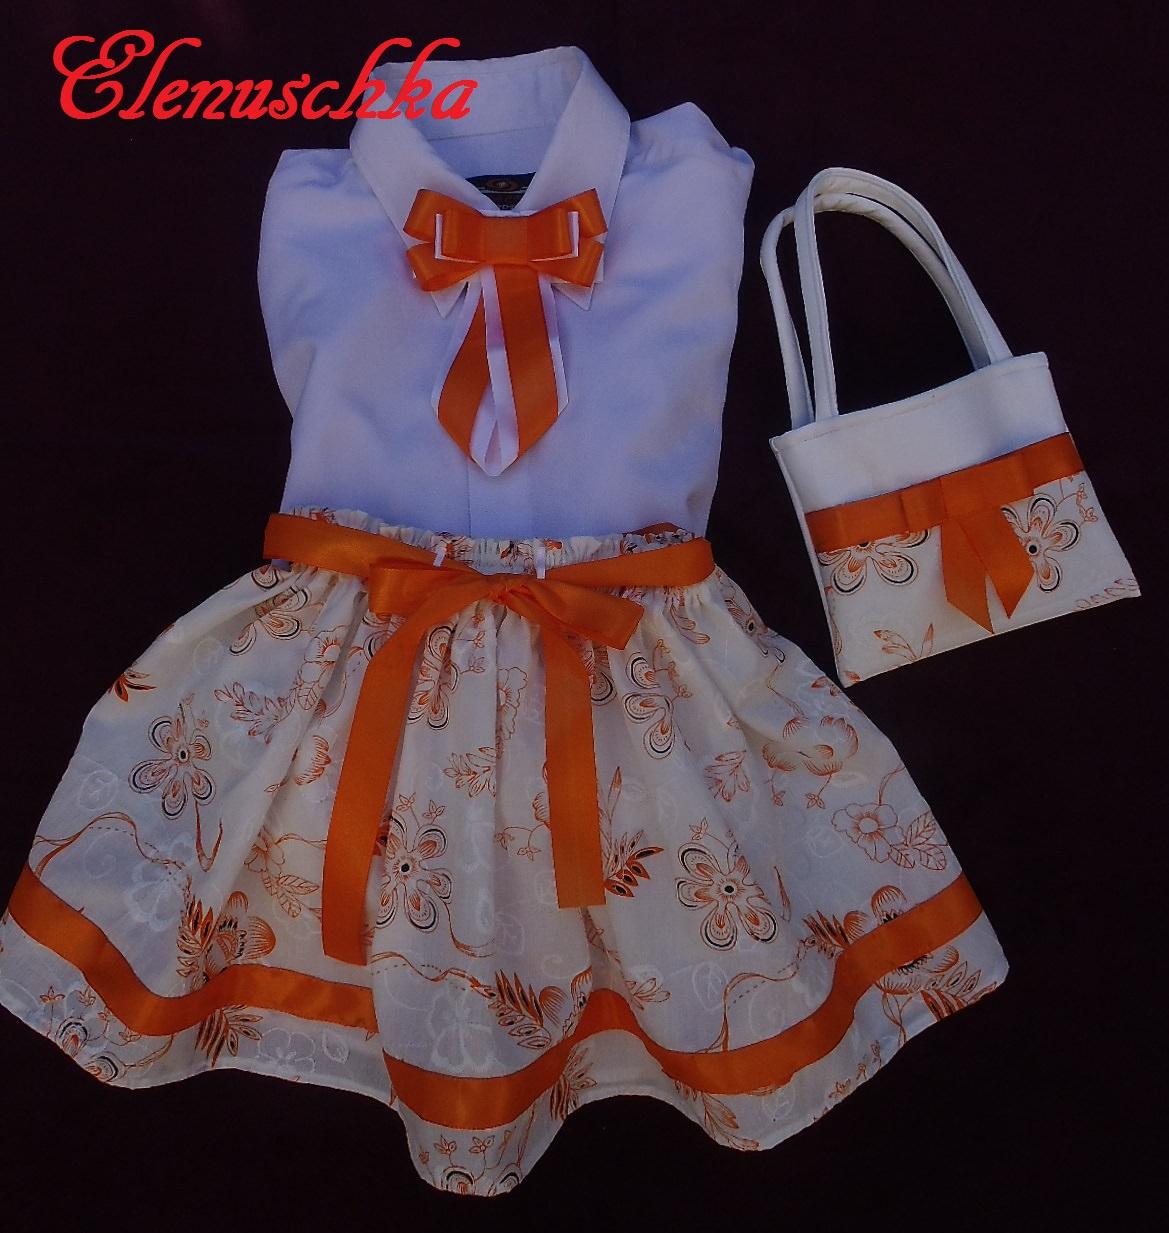 - Set für Mädchen: kurze Rock aus Baumwolle + Halsbroschen / Krawatten + Handtasche. - Set für Mädchen: kurze Rock aus Baumwolle + Halsbroschen / Krawatten + Handtasche.